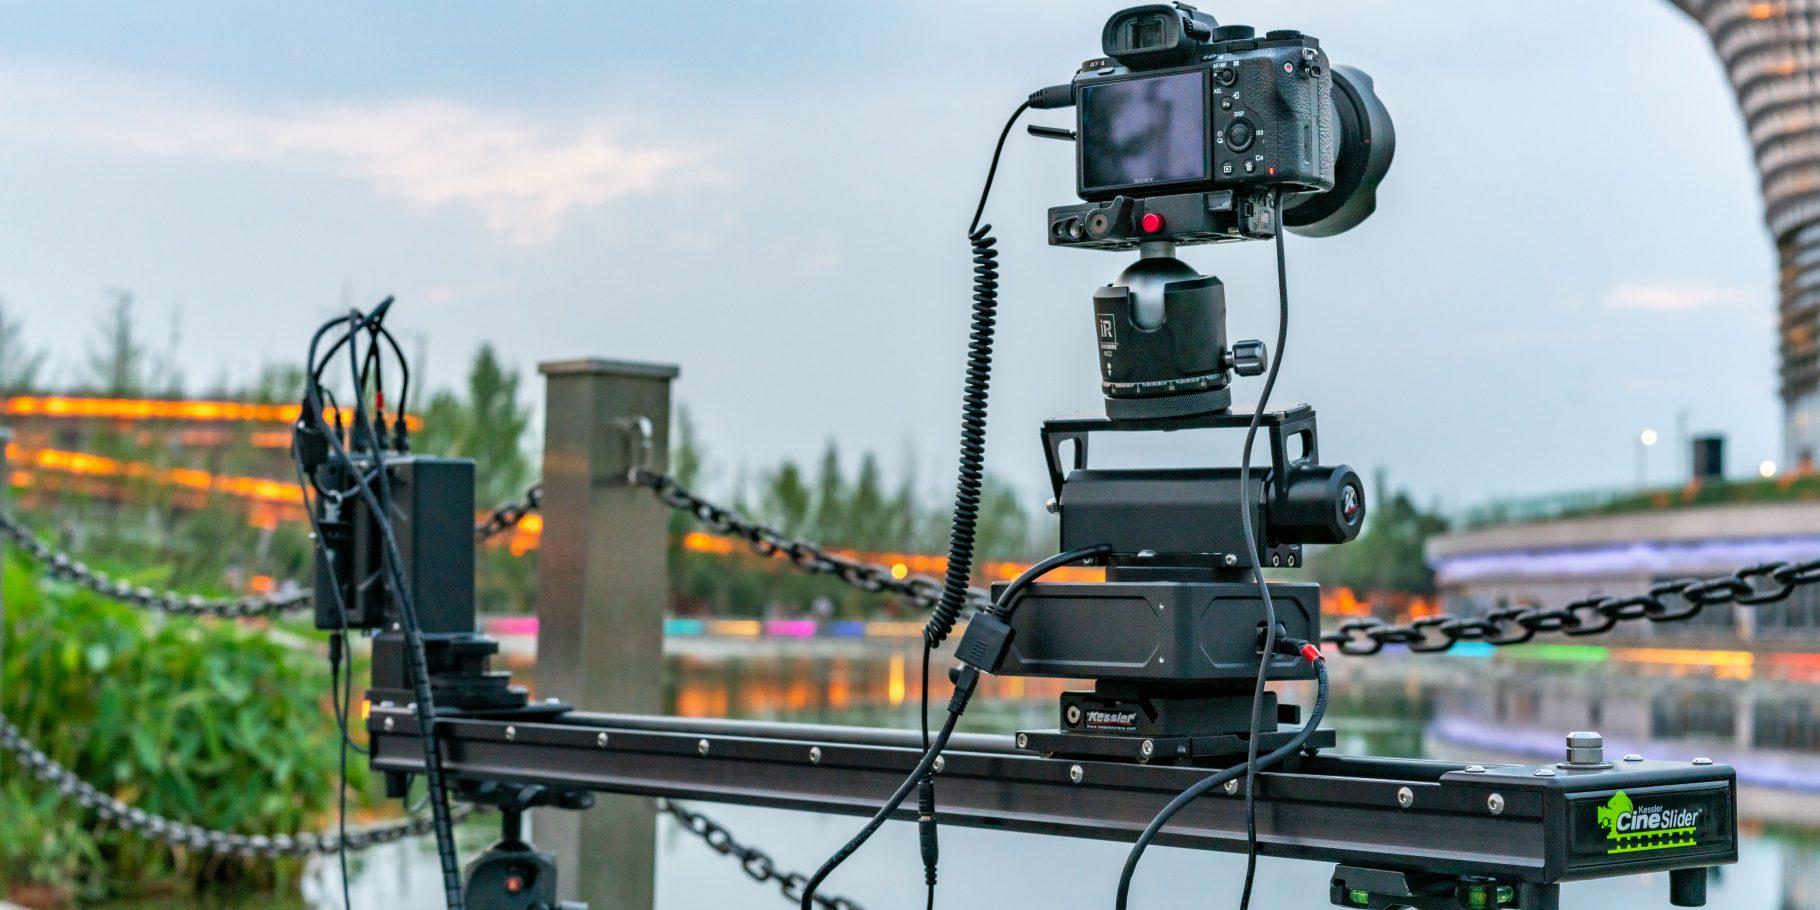 Kessler专业3轴延时摄像器材 - 稳定,高效